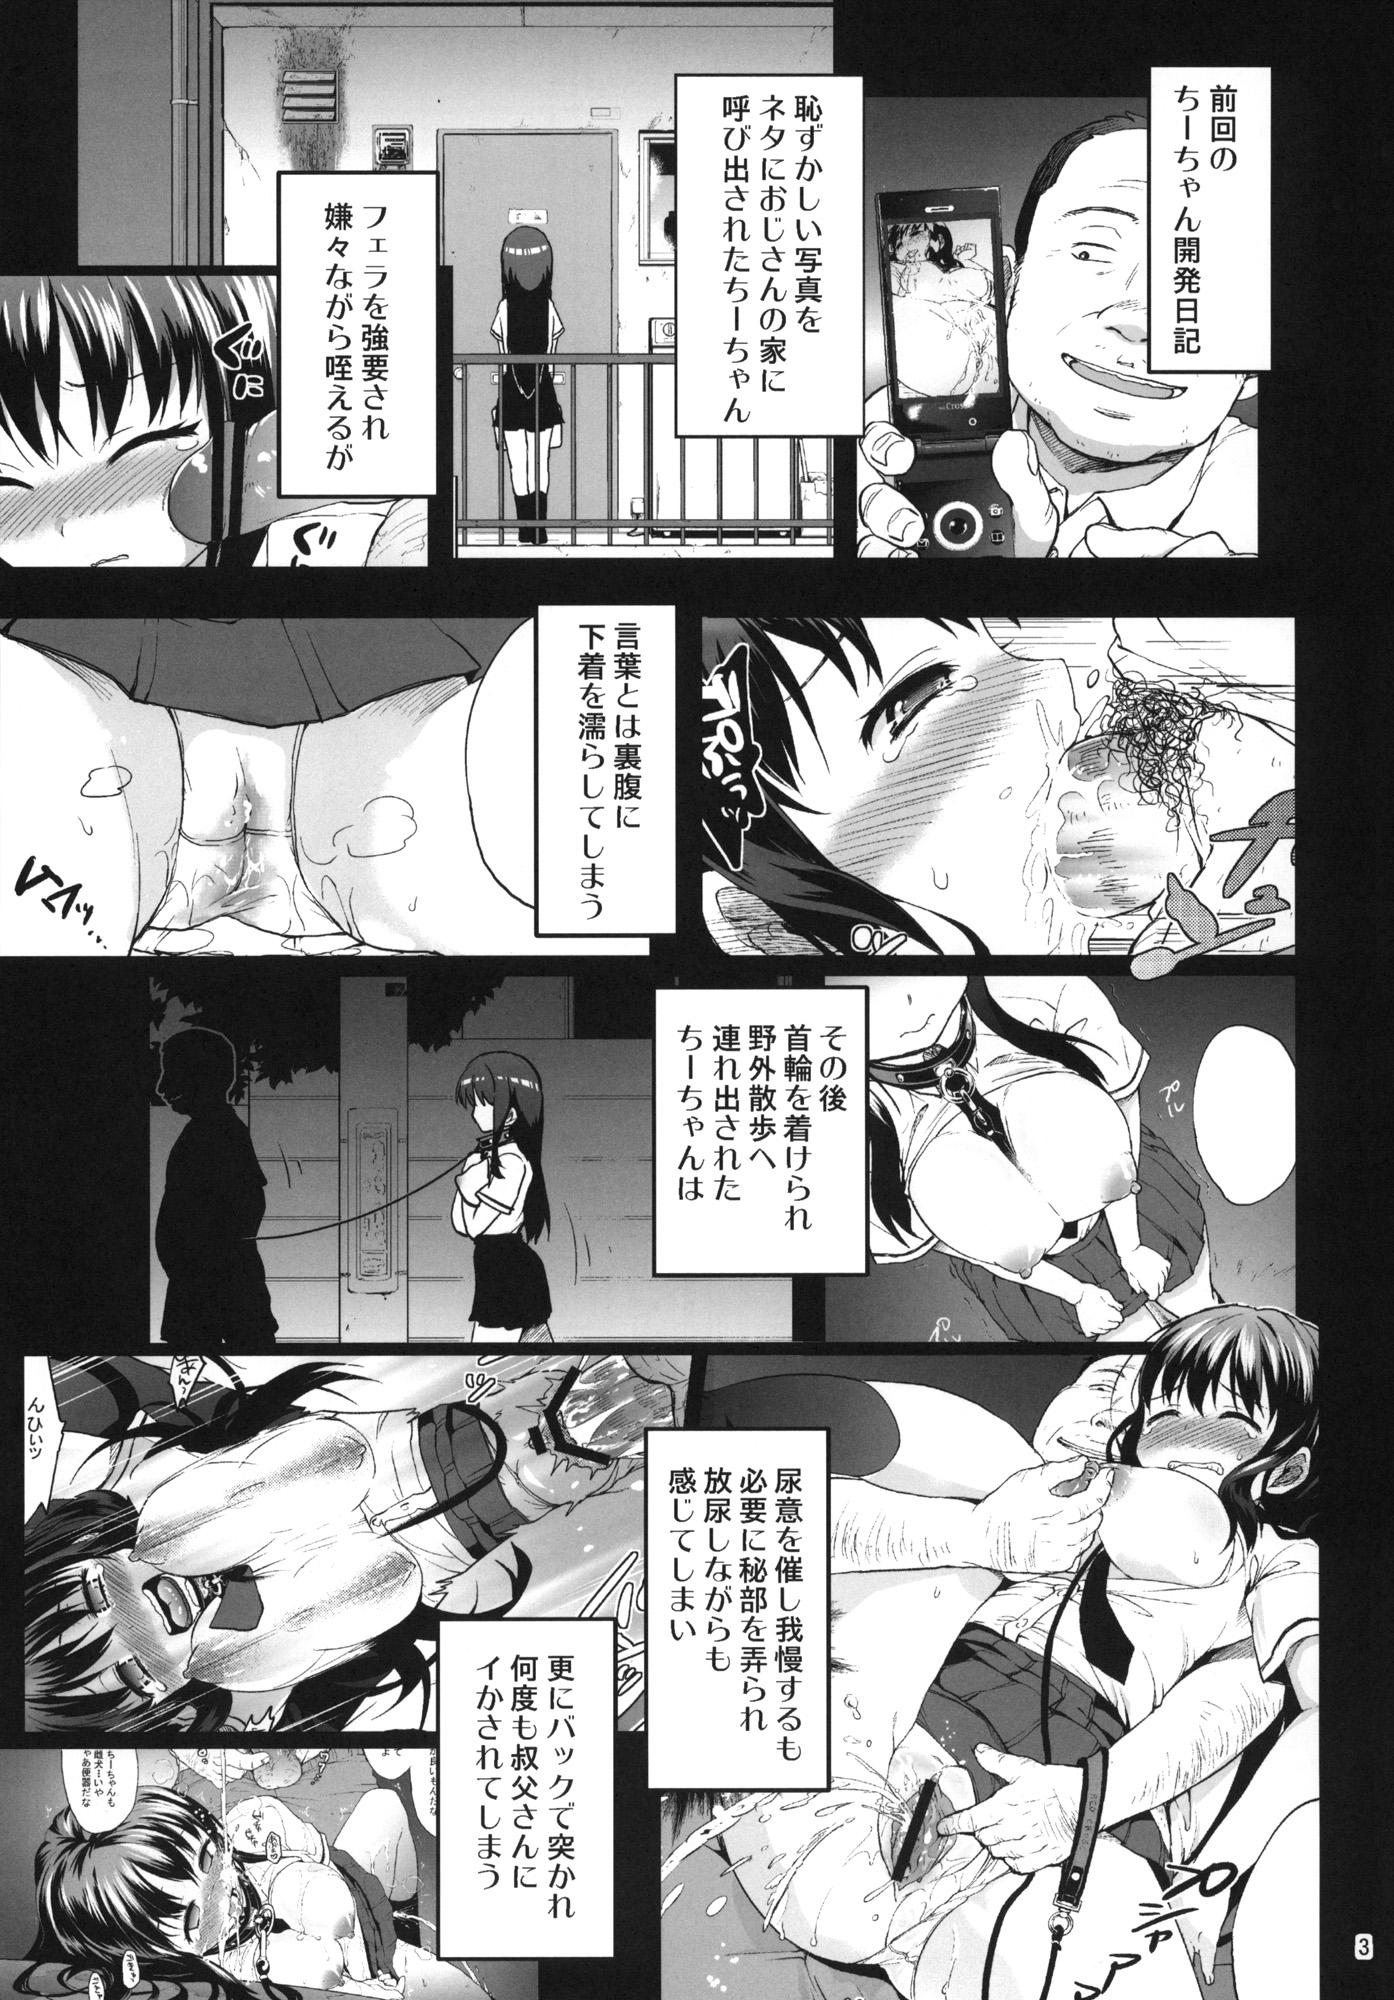 [夢茶会] ちーちゃん開発日記3 (2)